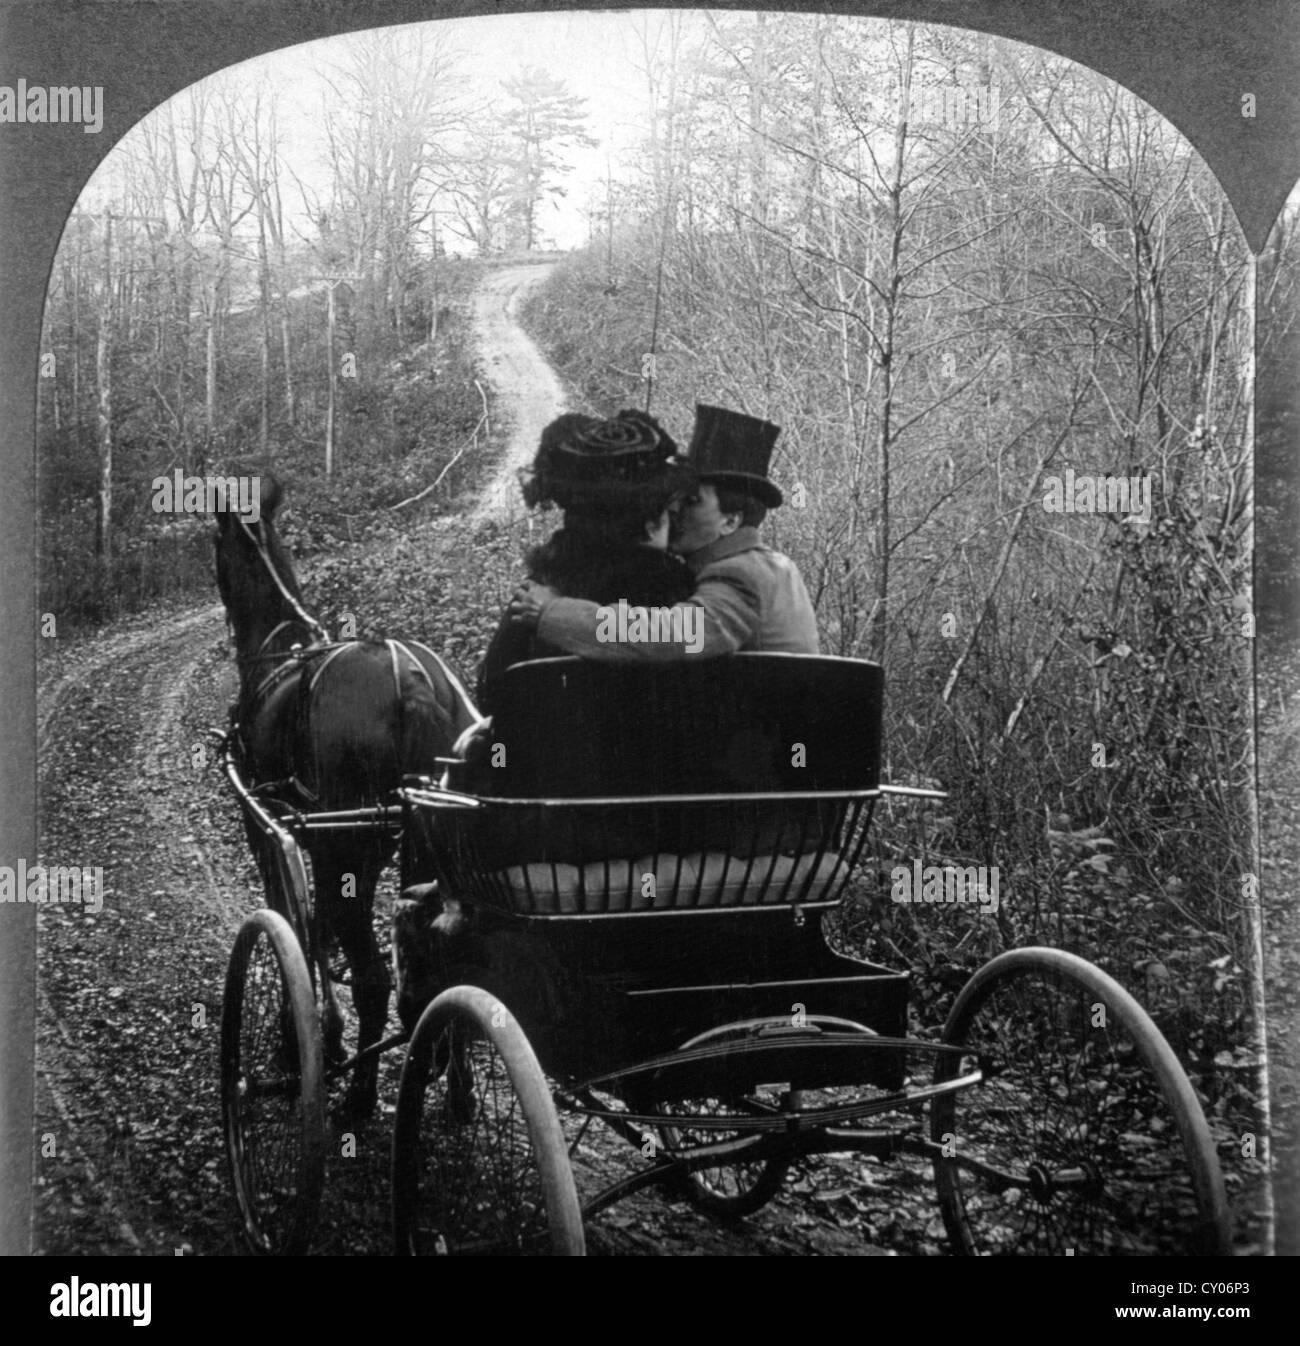 Un hombre y una mujer en un carruaje tirado por caballos, Vista trasera, Stereo Fotografía, circa 1901 Imagen De Stock